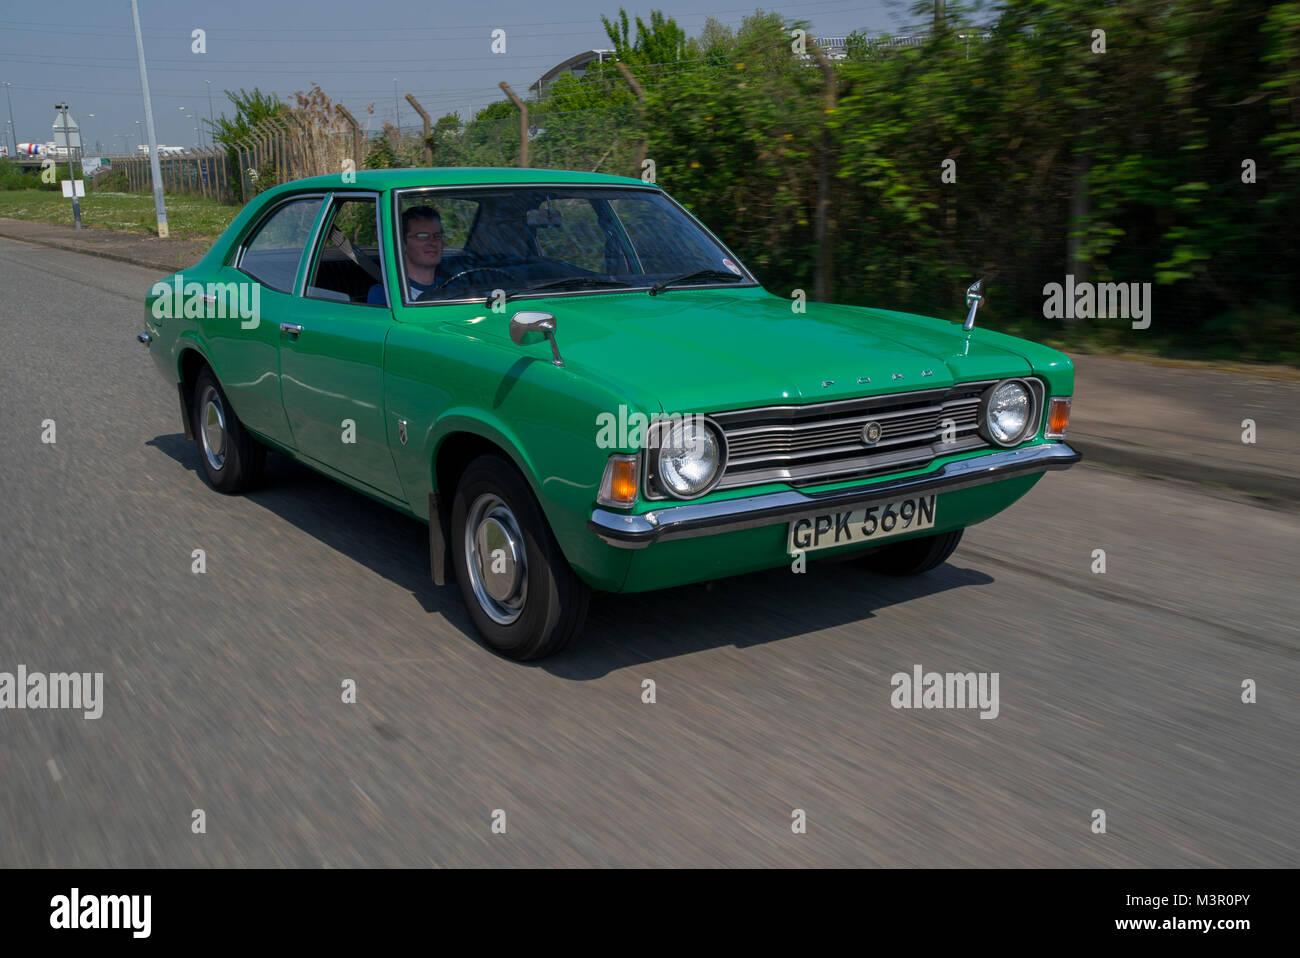 Mk3 Cortina Stock Photos & Mk3 Cortina Stock Images   Alamy